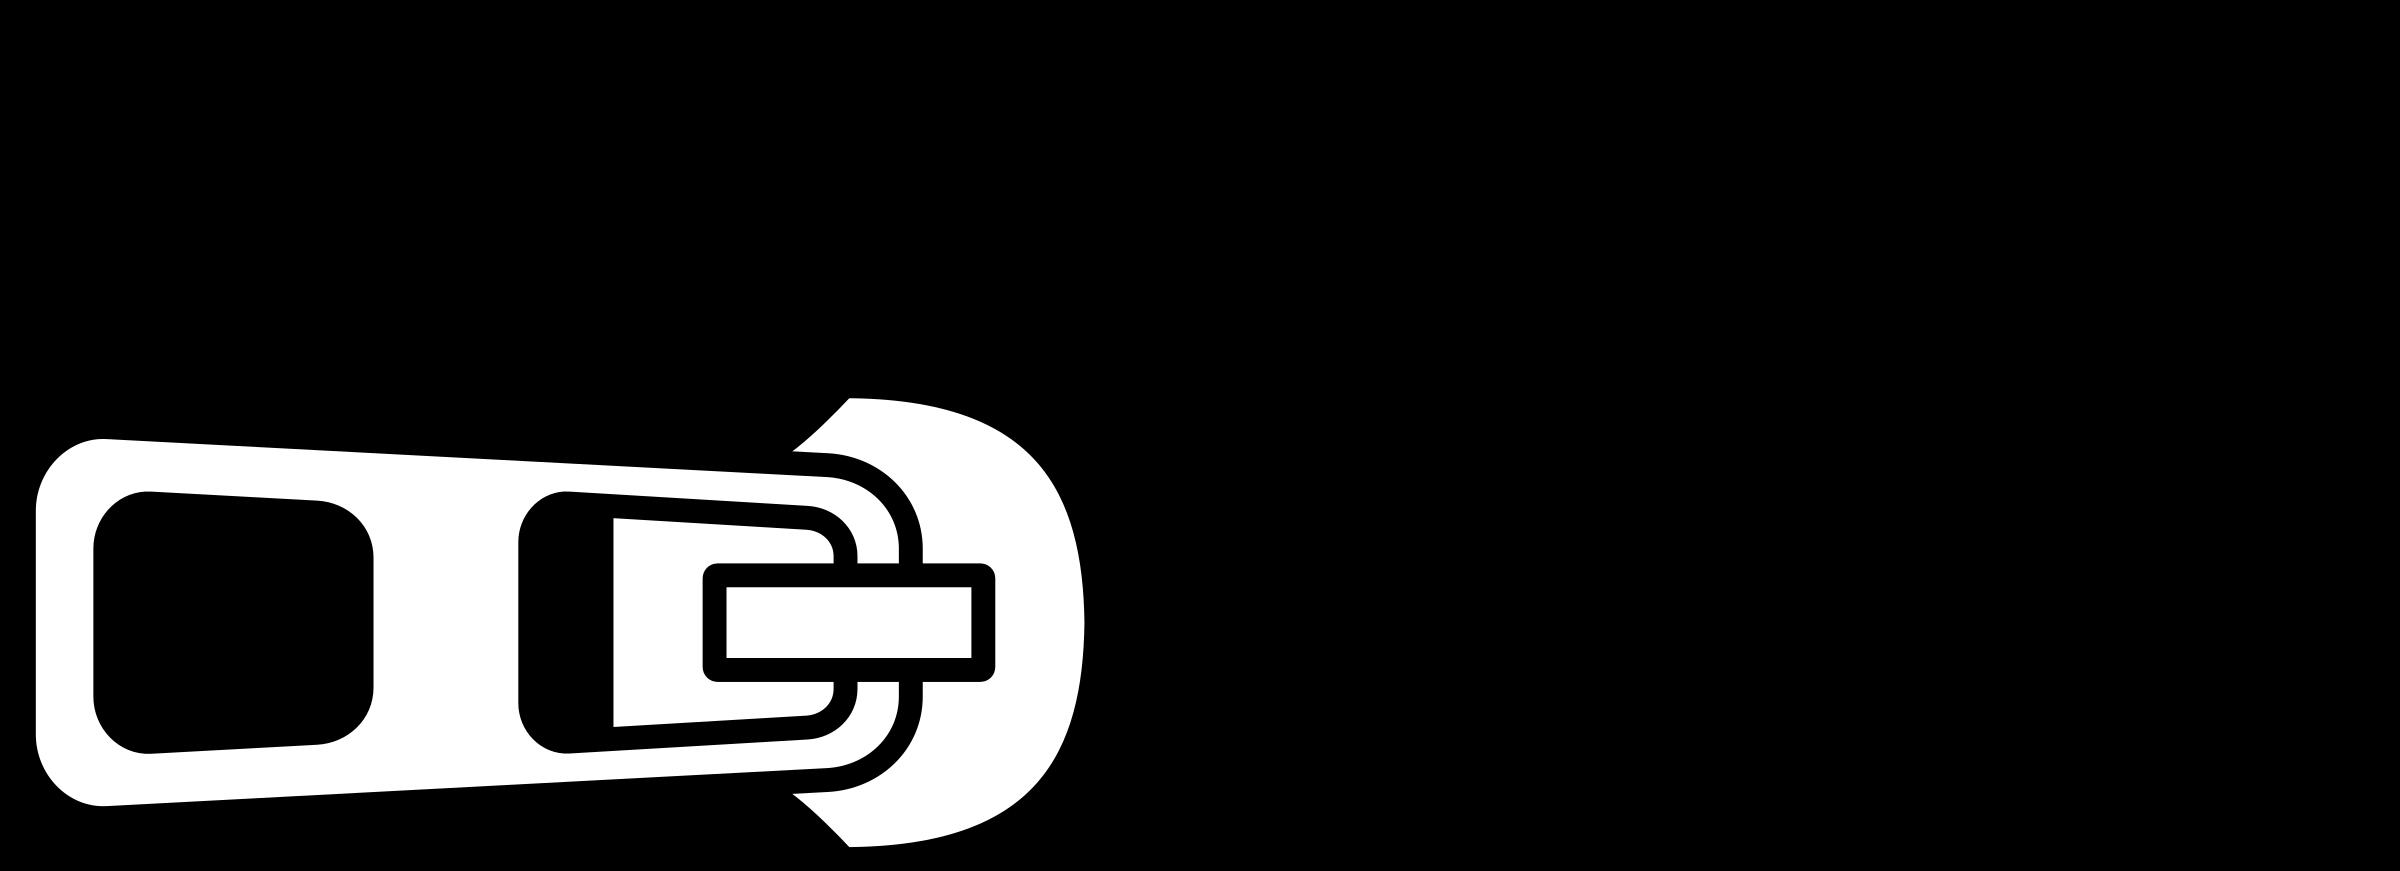 Zipper clipart transparent Clipart Zipper Zipper